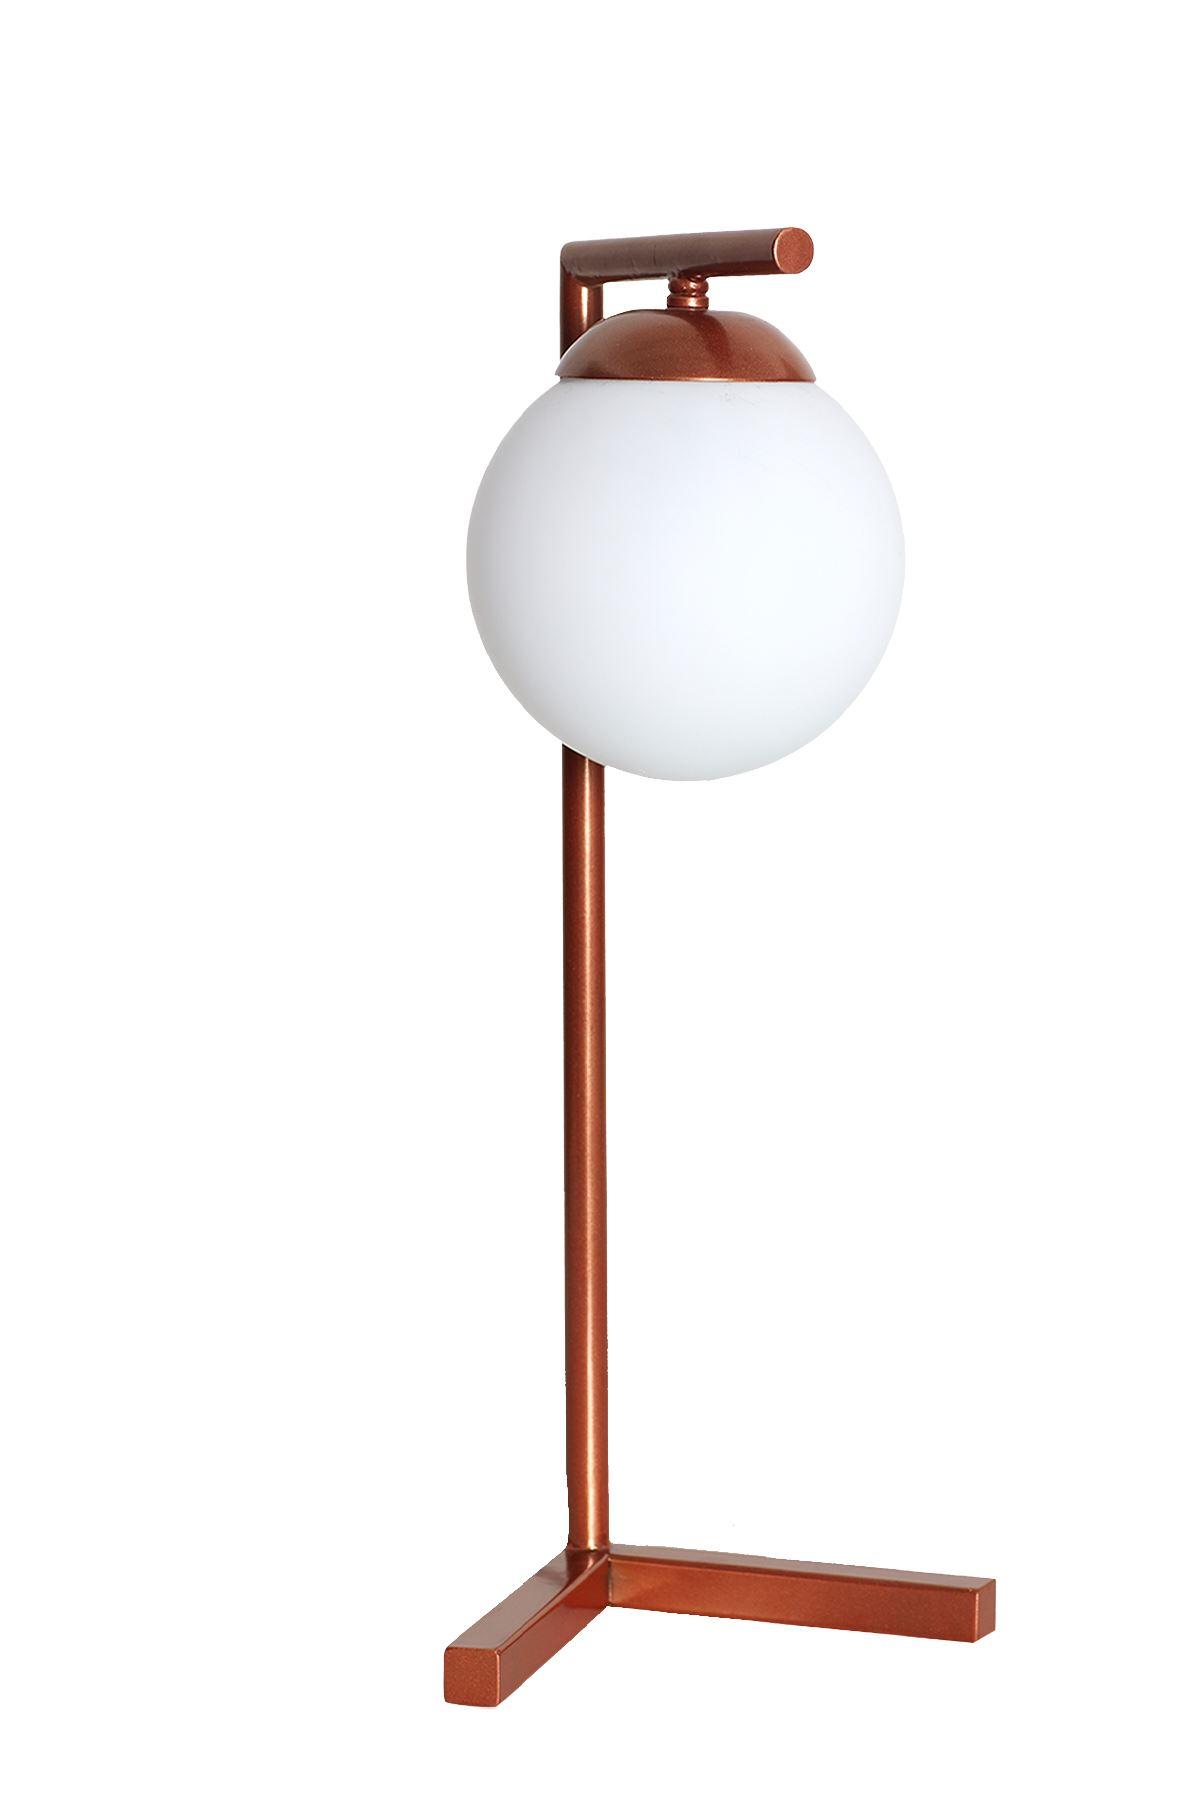 Linda Bakır Metal Gövde Beyaz Camlı Tasarım Lüx Masa Lambası